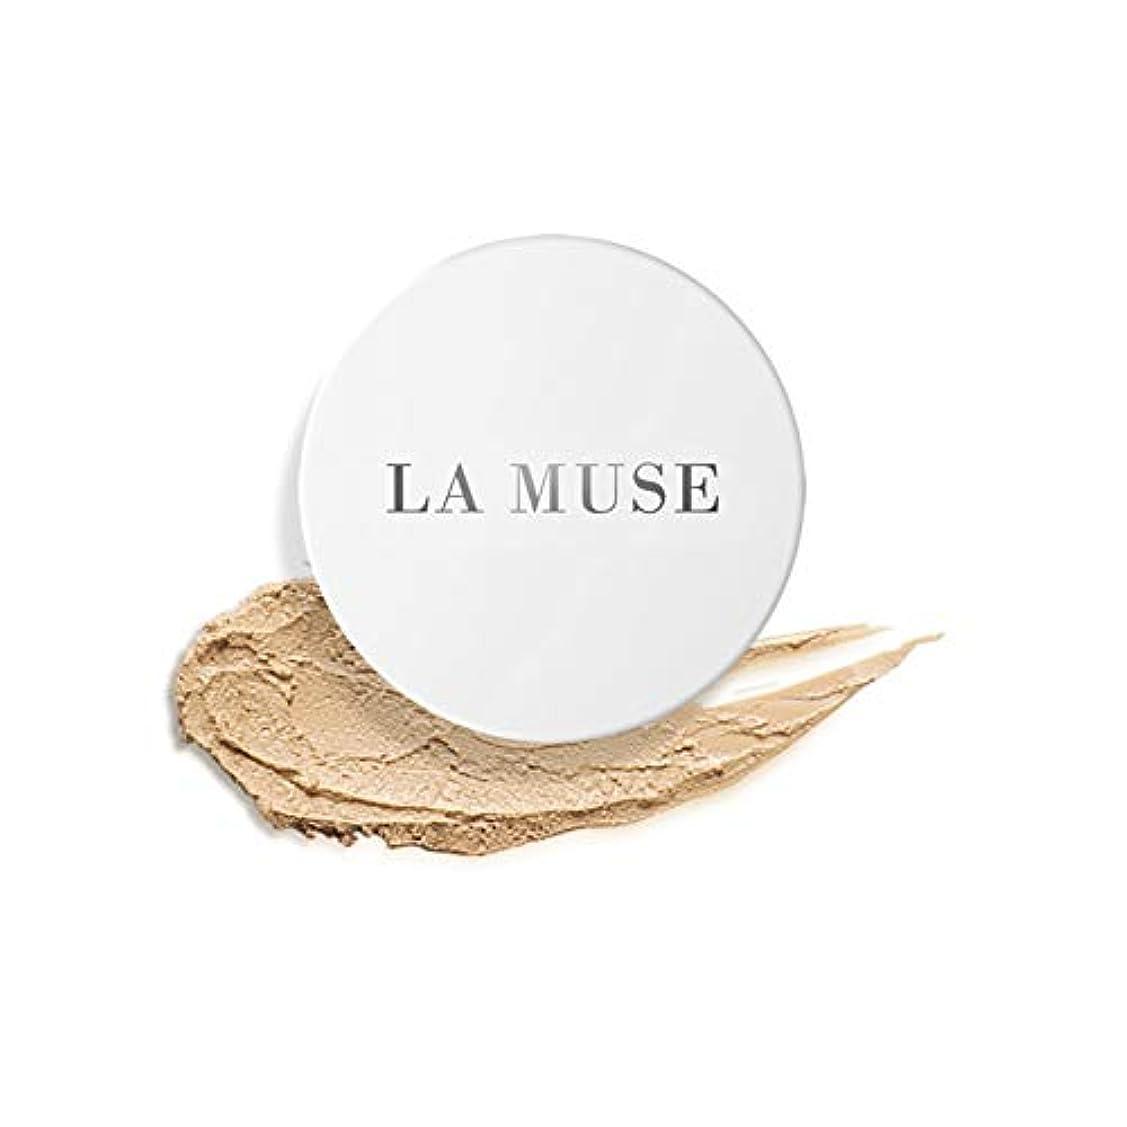 右履歴書厄介な[ギフト付き] La Muse ラミューズ コンプレッション エッセンス パクト SPF50+/ PA +++ 17g / Compression Essence Pact SPF50+ PA+++ 17g / Foundation...